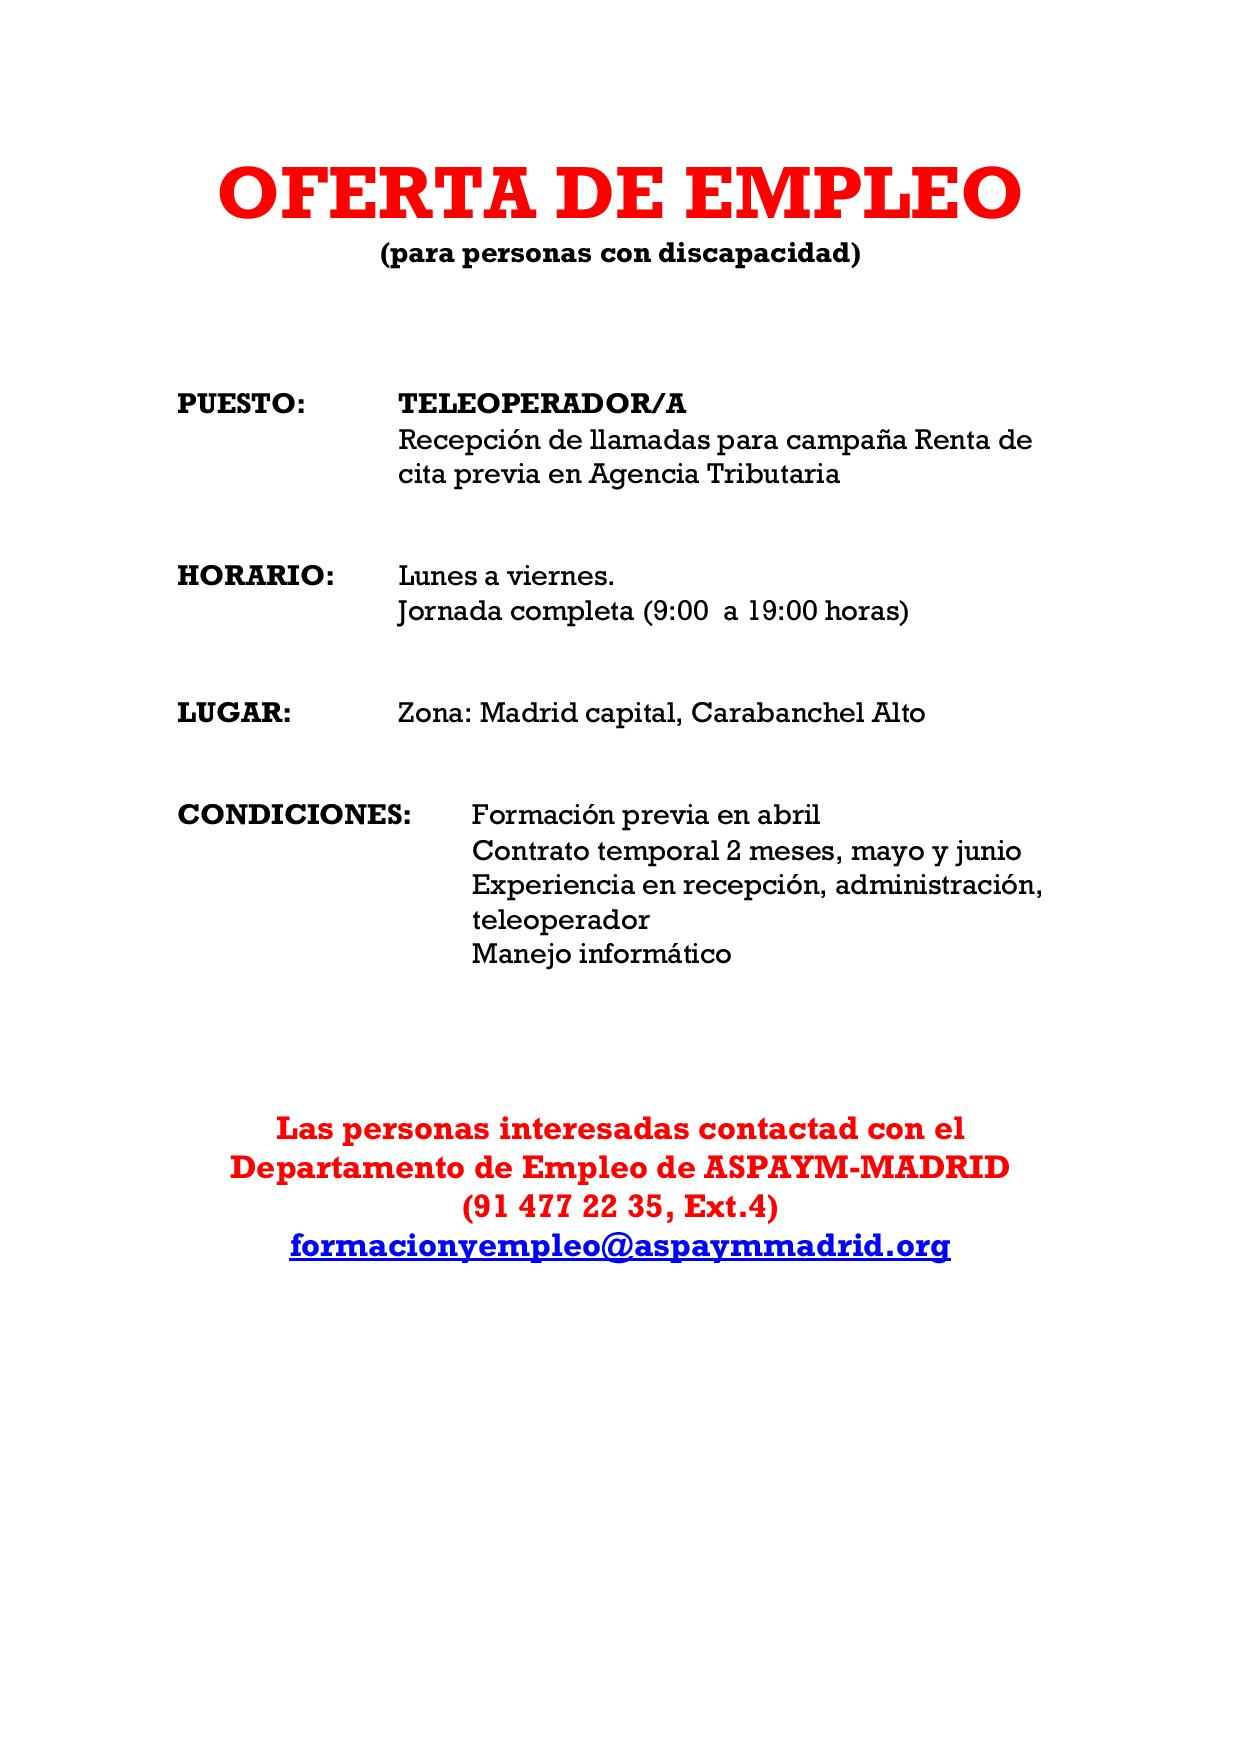 Oferta de empleo teleoperador aspaym madrid for Oficina de empleo ofertas